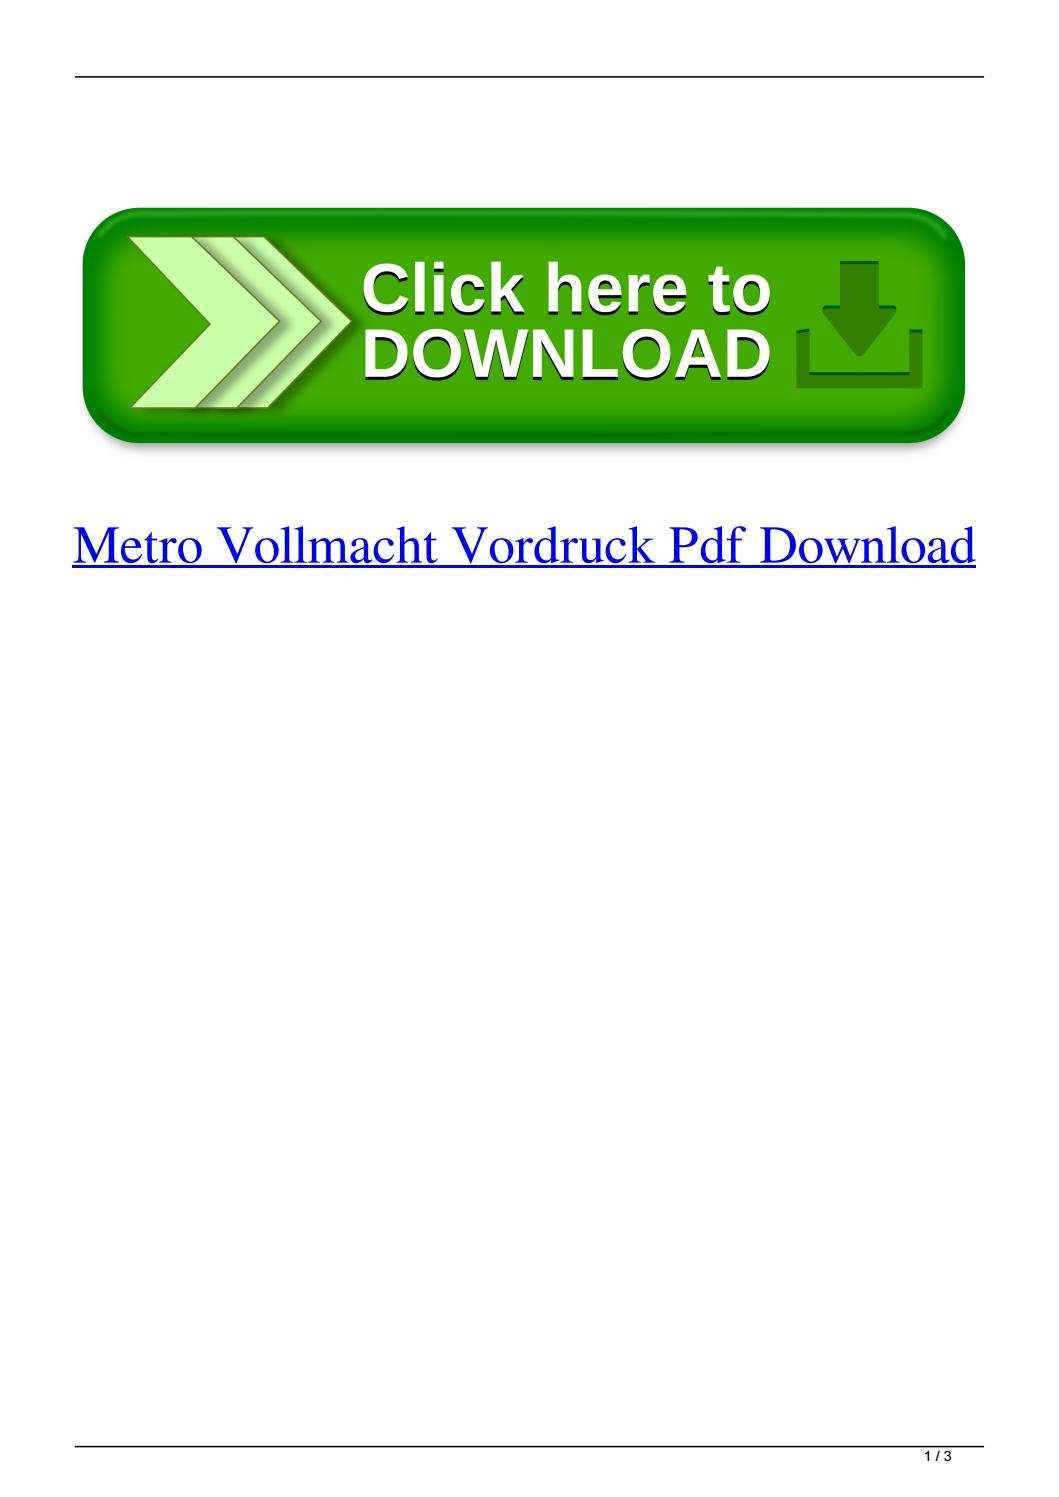 Metro Vollmacht Vordruck Pdf Download By Upnatfuecran Issuu